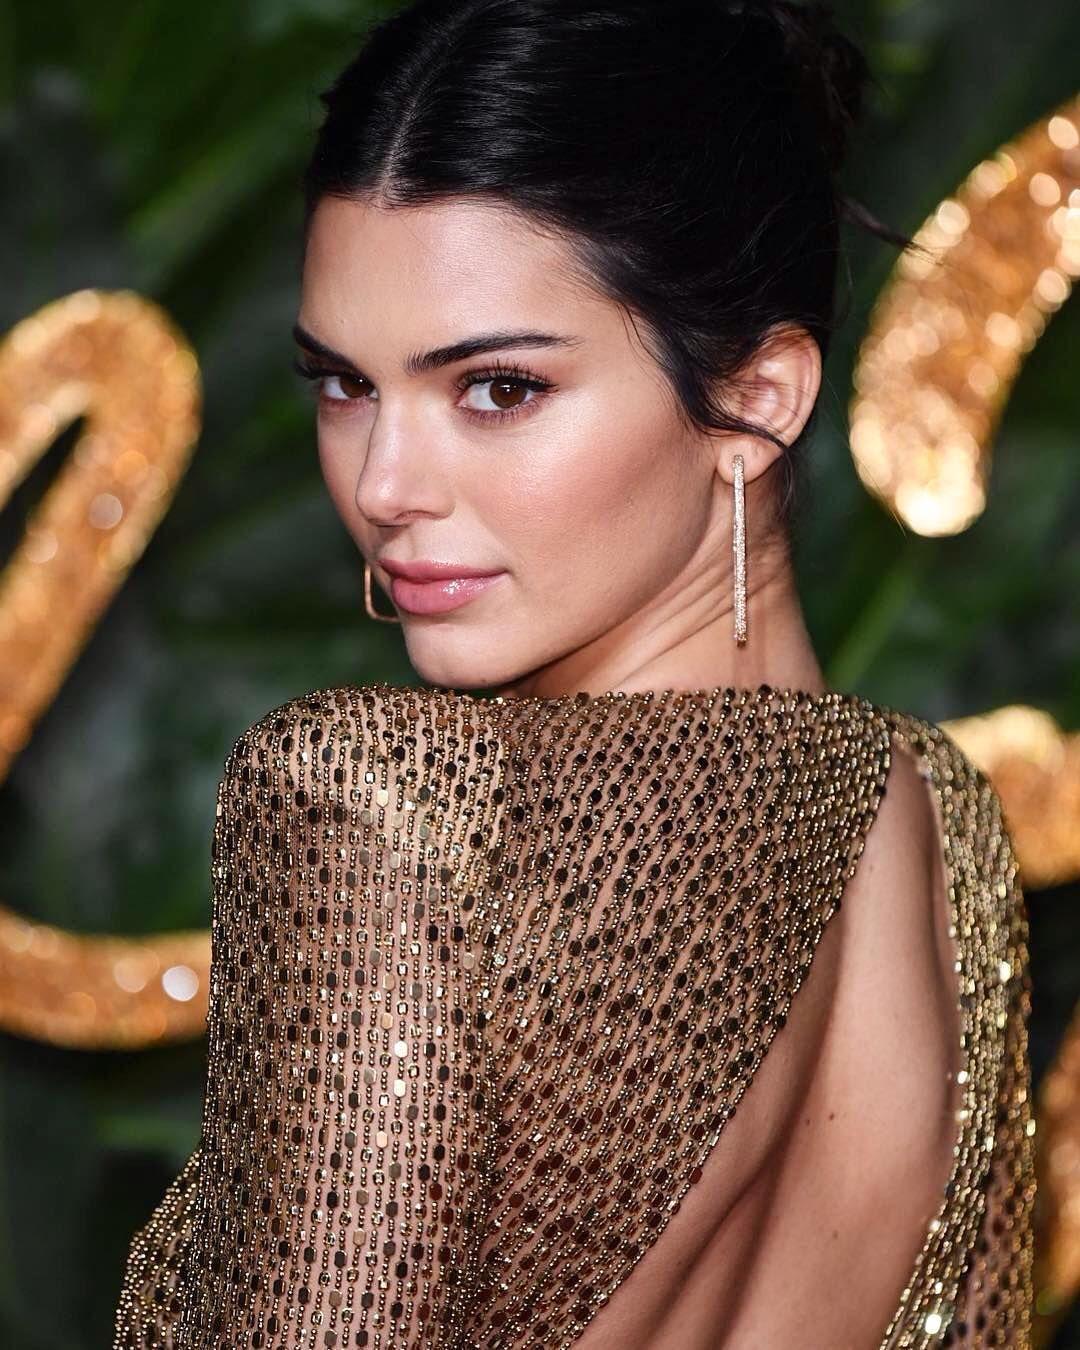 Forum on this topic: Joanna Jojo Levesque Sexy, kim-kardashian-bts-2018-2019-celebrityes-photos-leaks/